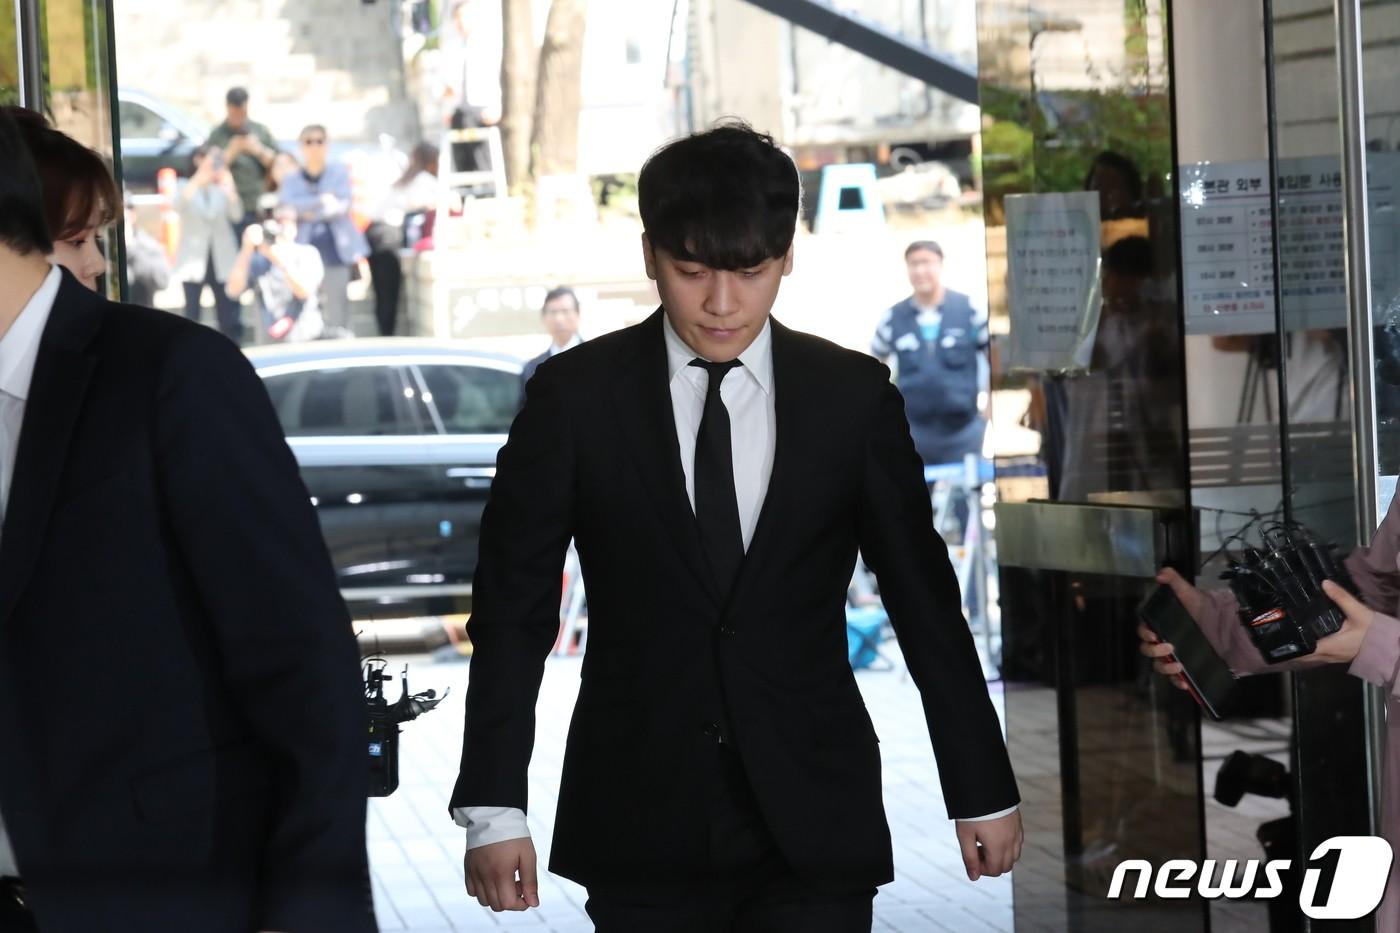 Seungri cuối cùng đã có mặt tại tòa để chờ lệnh bắt: Vẫn bình tĩnh dù cảnh sát xác nhận giữ bằng chứng mua dâm - Ảnh 2.